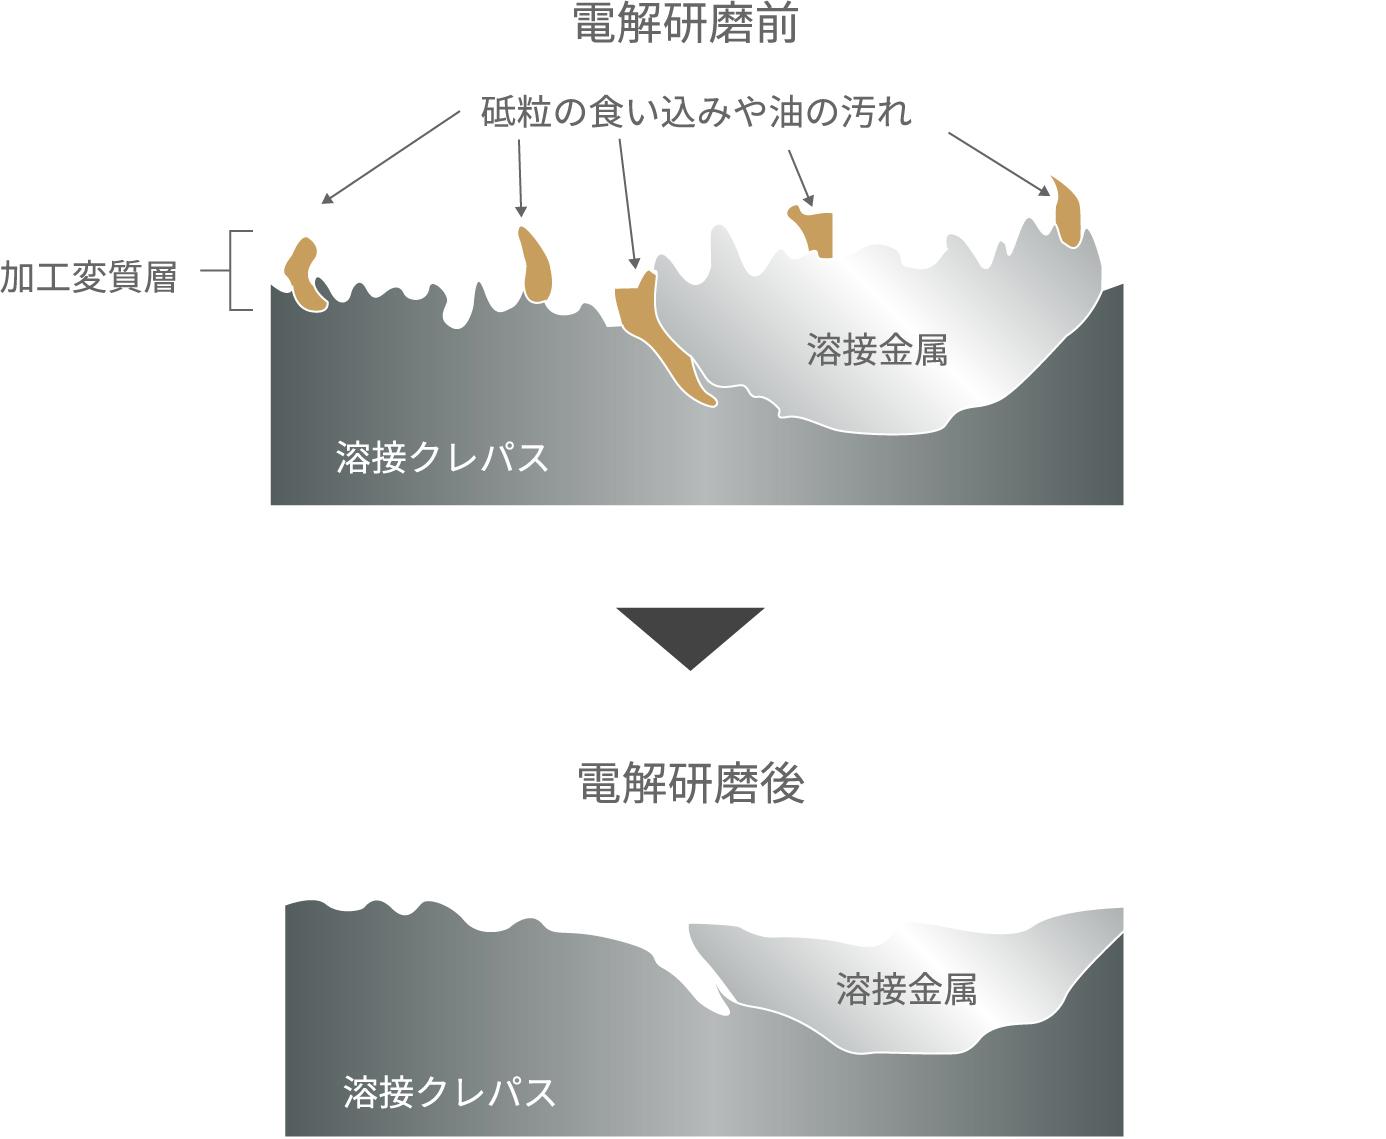 <洗浄性に関する電解研磨のイメージ図>